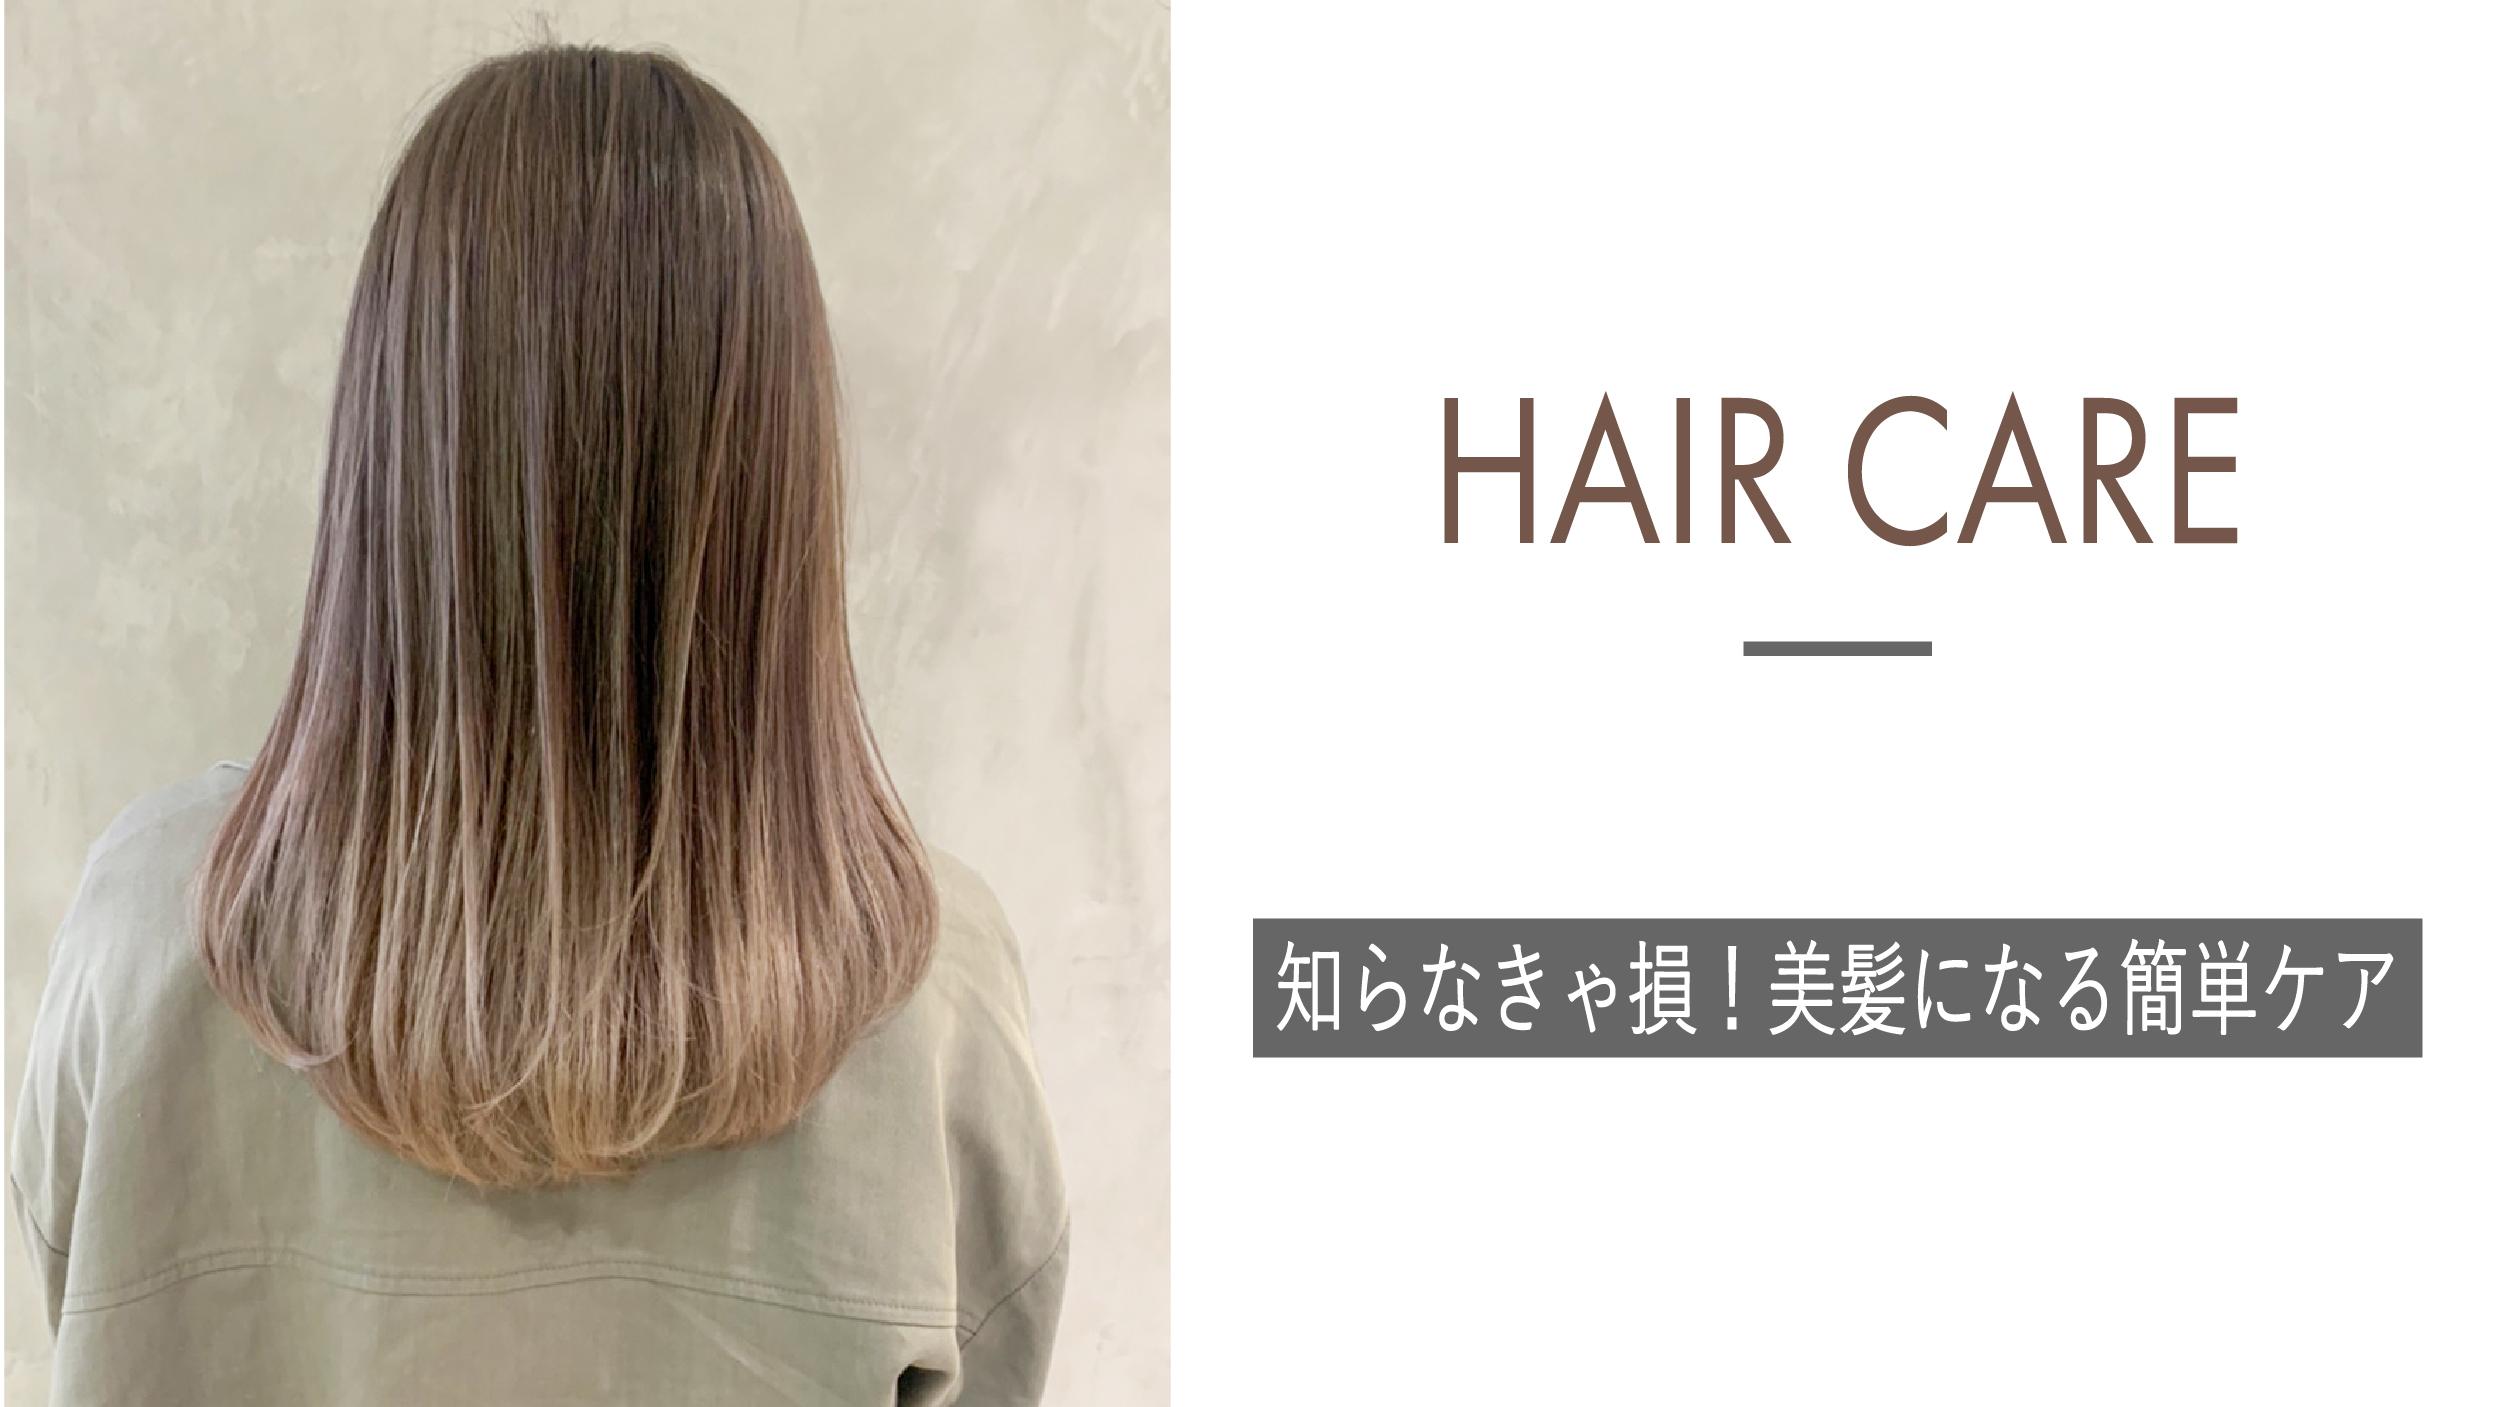 これ知らなかった!今日から始める美髪のためのヘアケア PART10